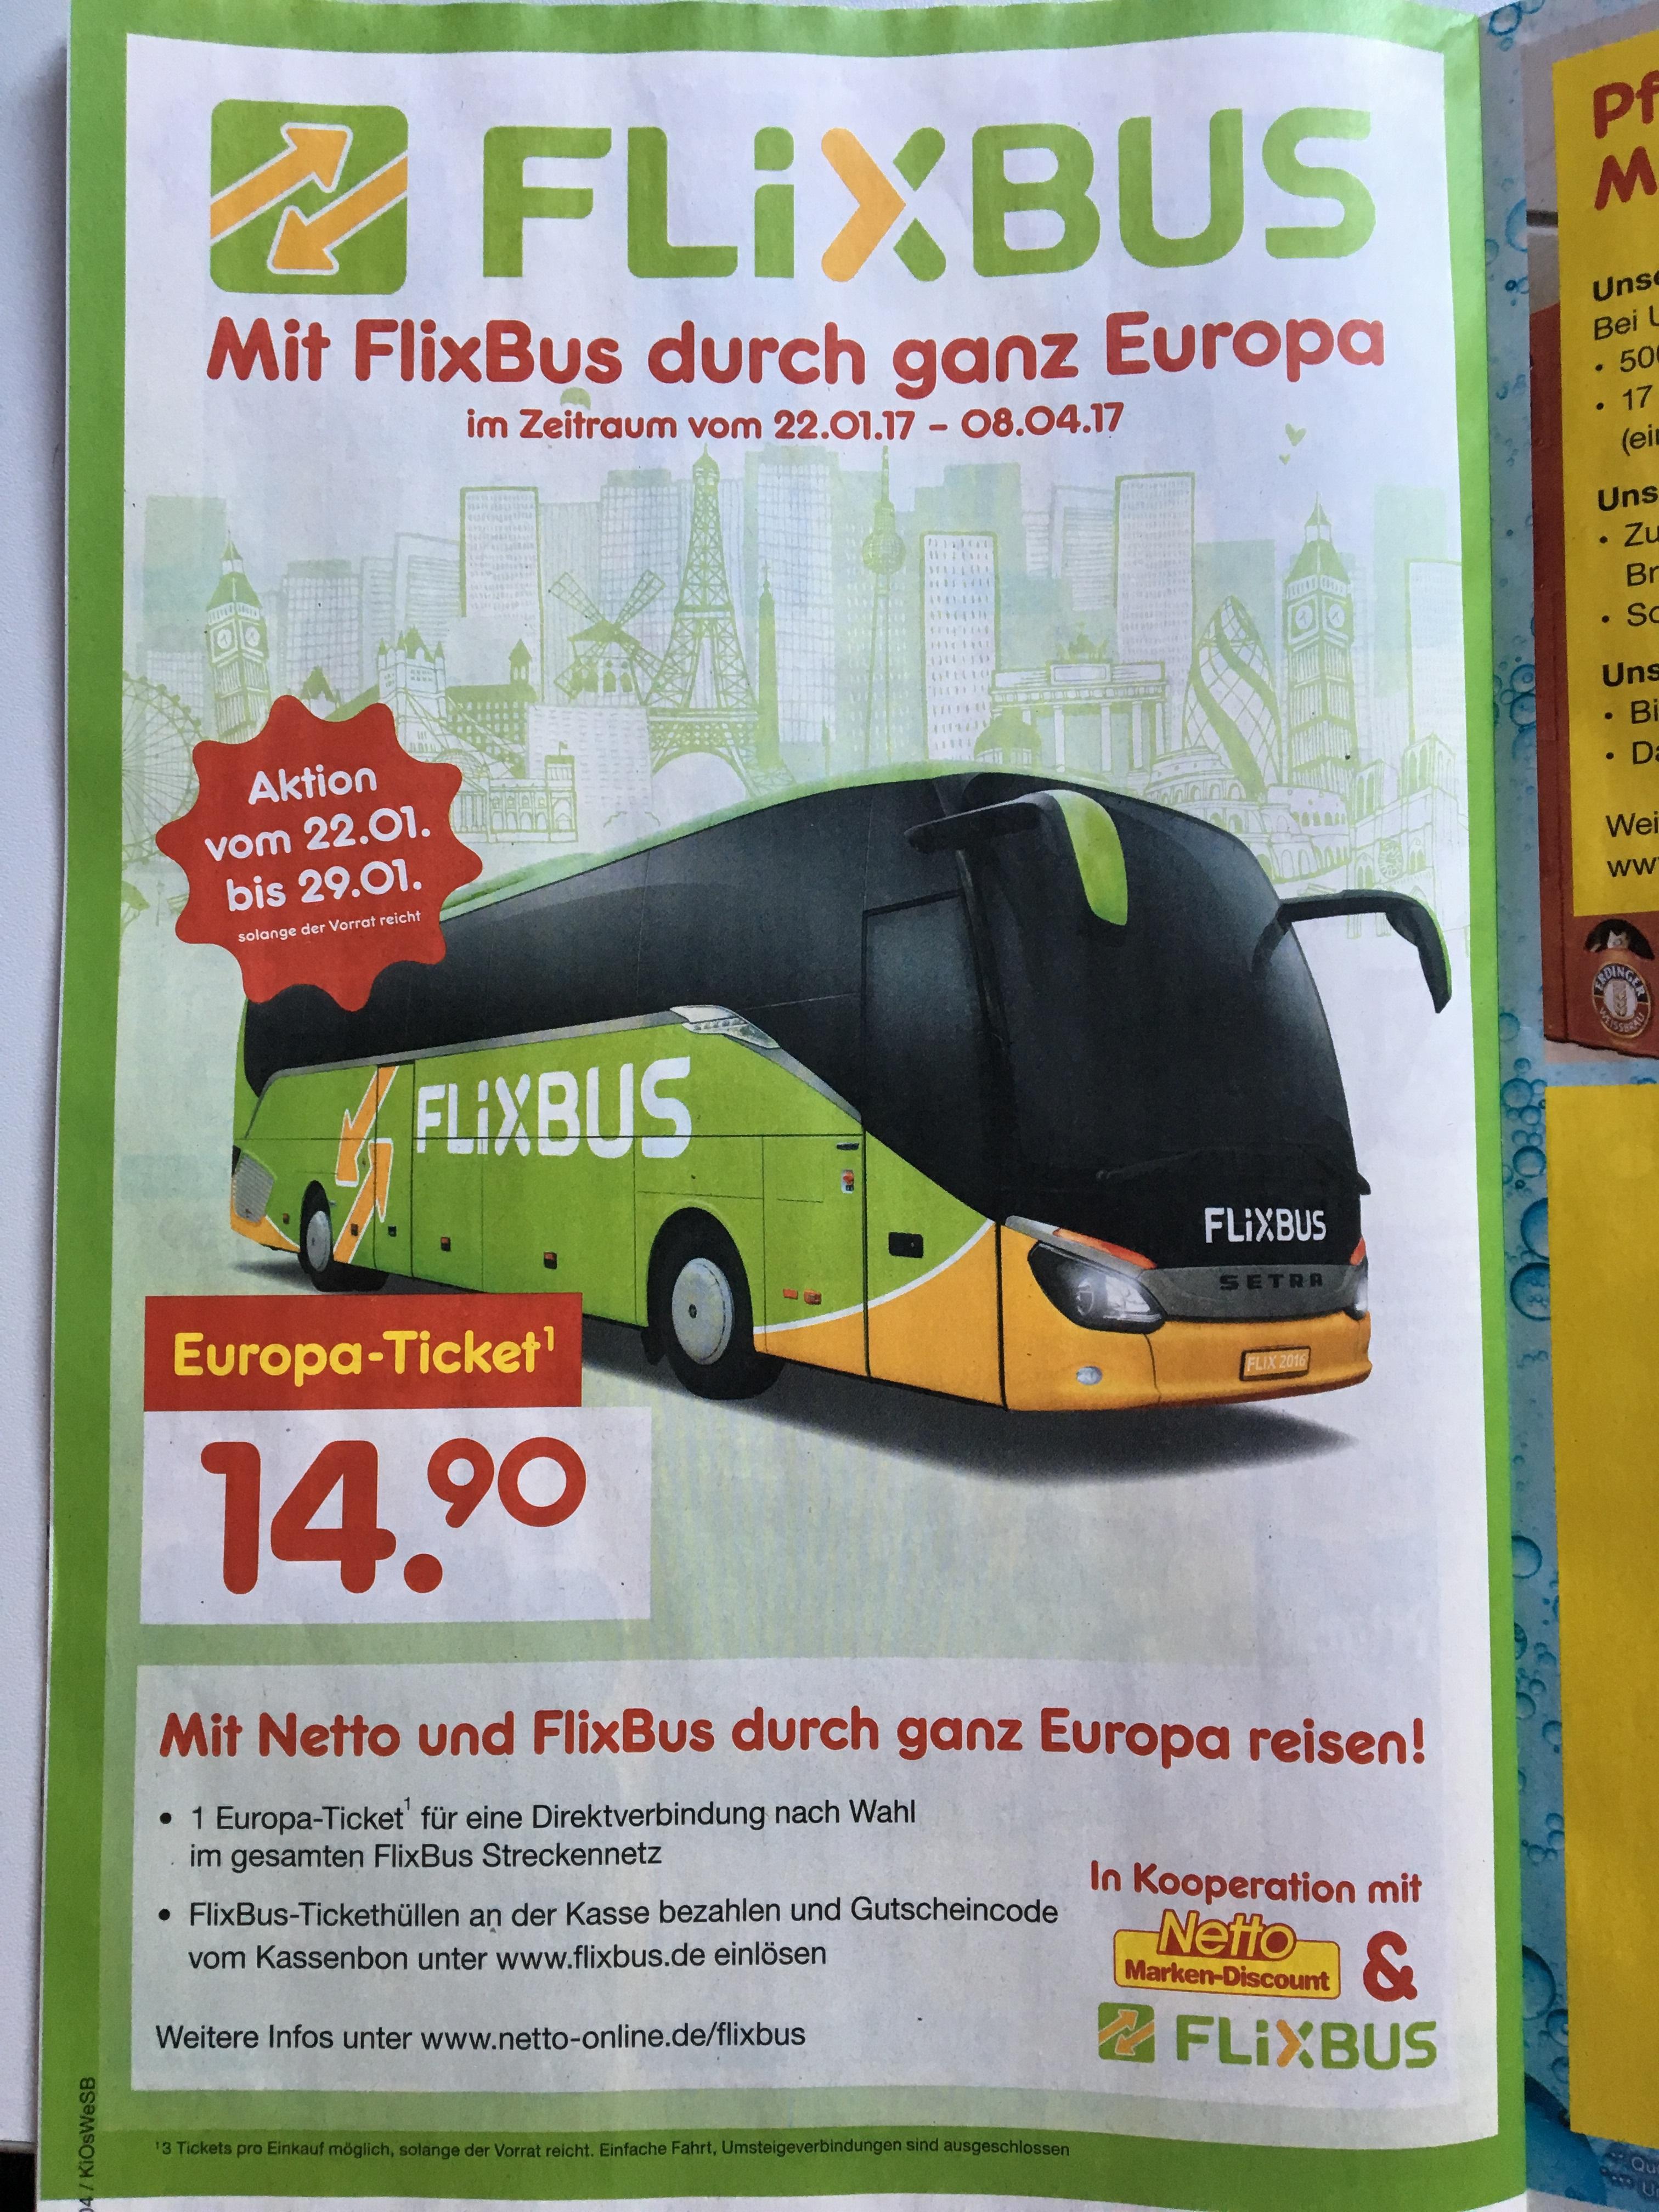 Flixbus Europa-Ticket: für 14,90 durch ganz Europa Reisen